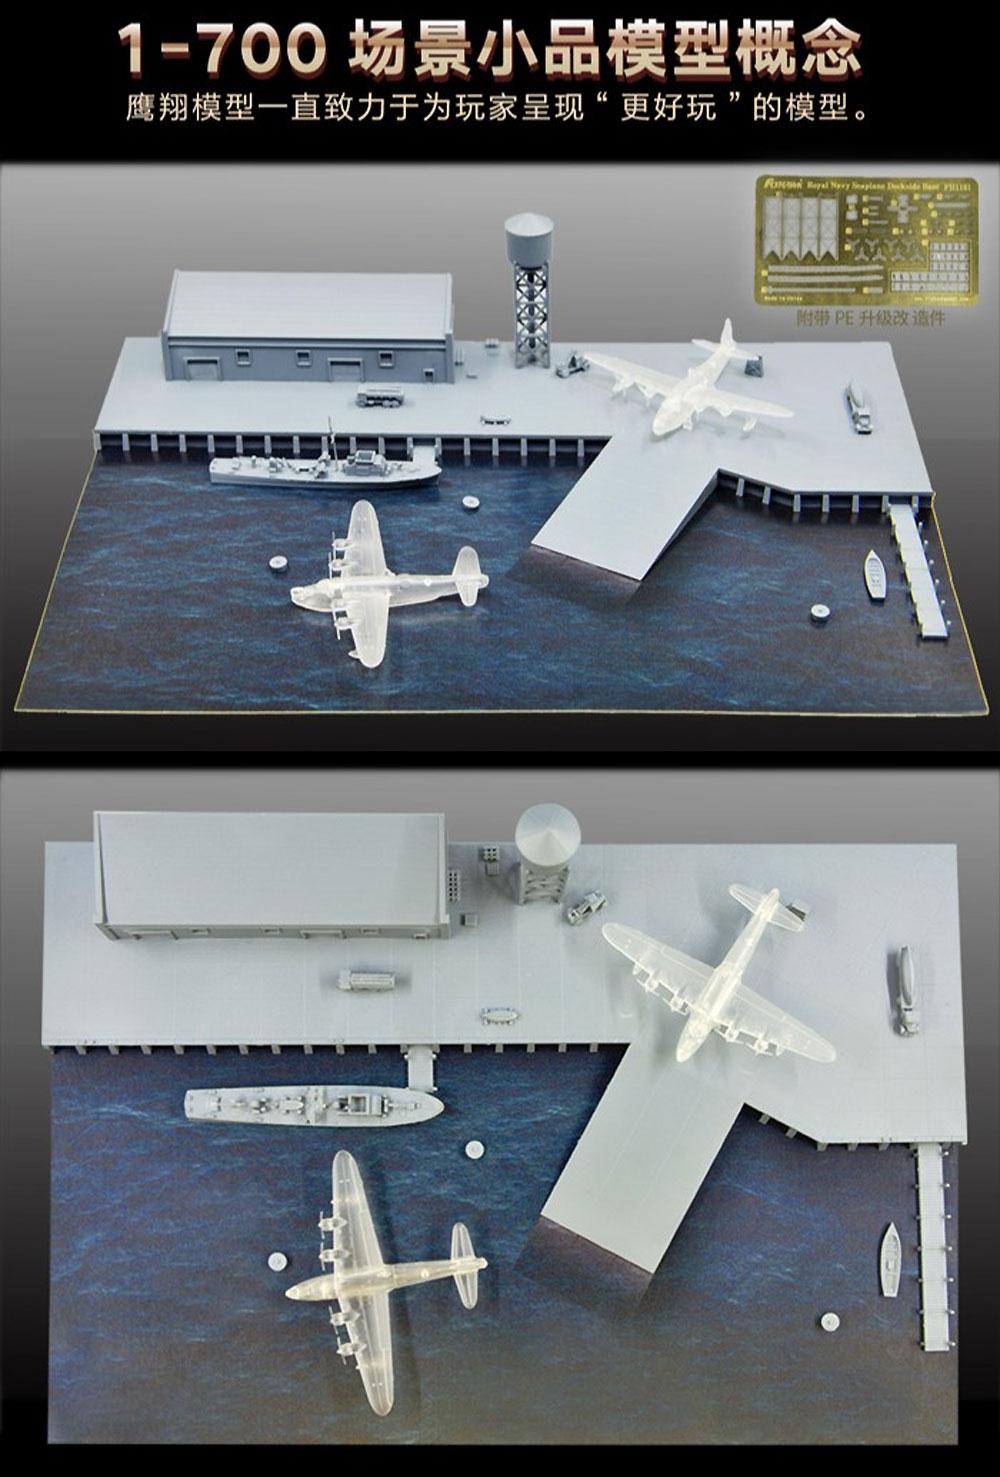 イギリス海軍 水上機基地プラモデル(フライホーク1/700 艦船No.FH1161)商品画像_2